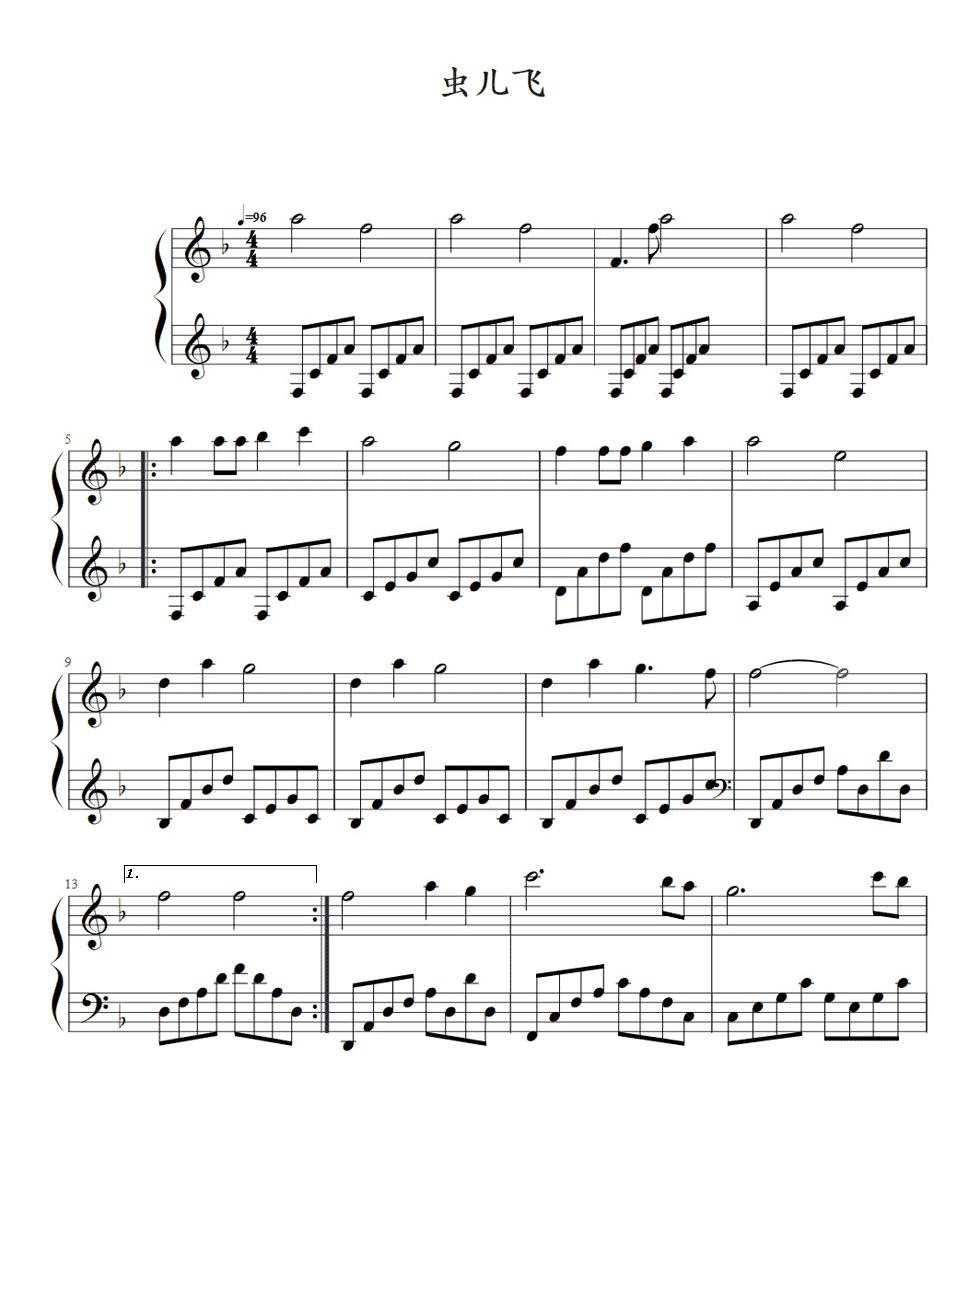 虫儿飞,钢琴五线谱,双手,伴奏简单一点的